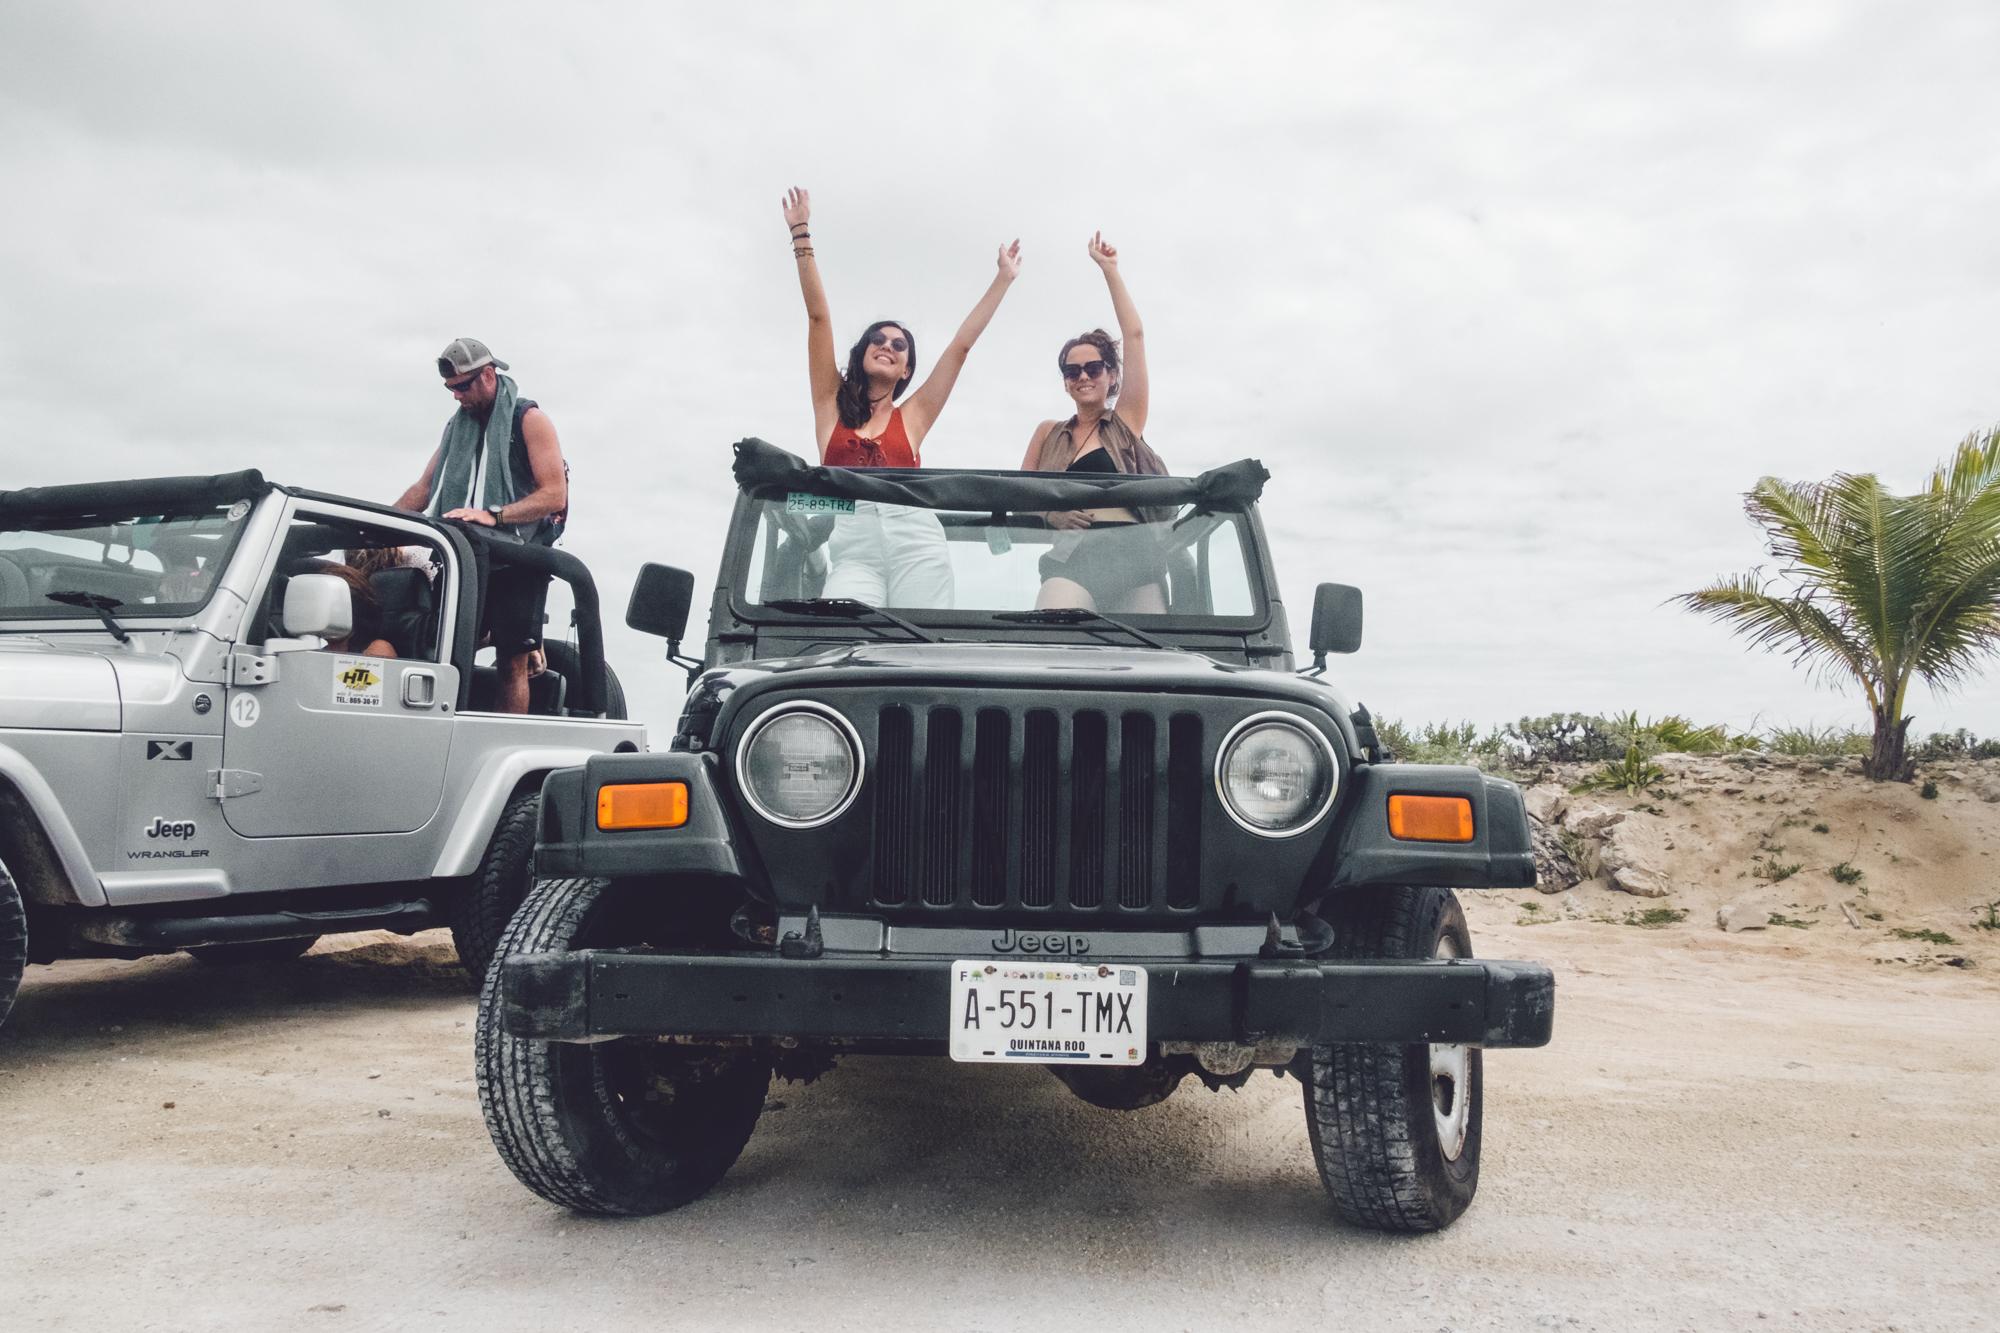 Rachel Off Duty: Women on a Jeep